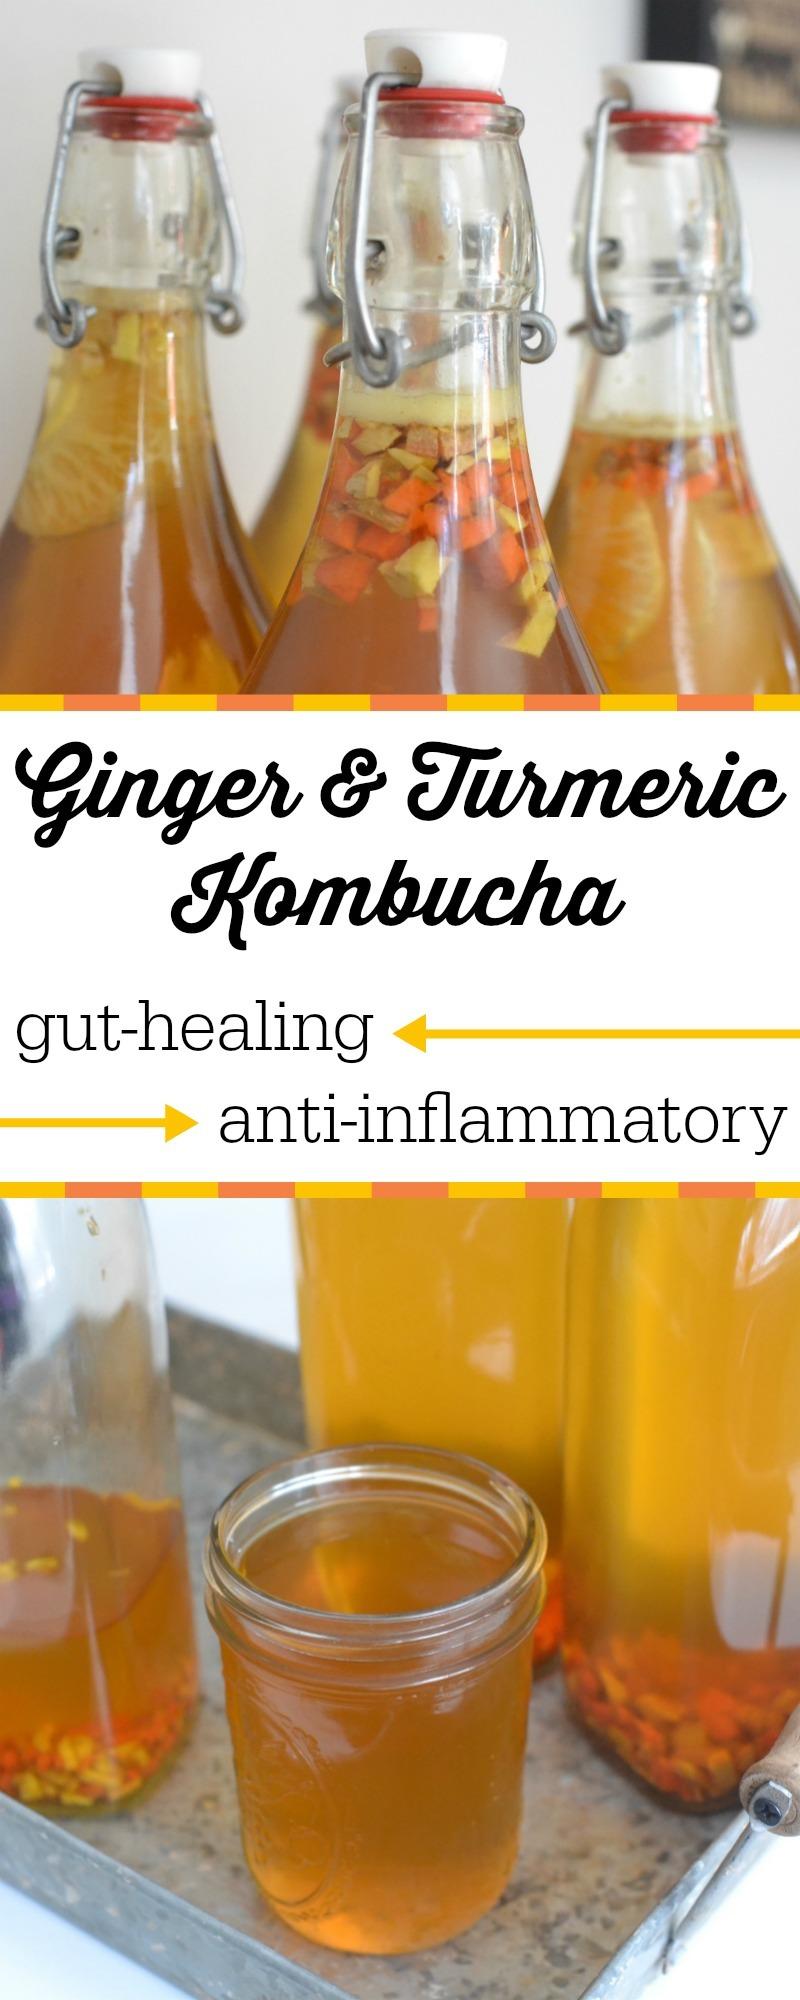 anti-inflammatory and gut-healing ginger and turmeric kombucha